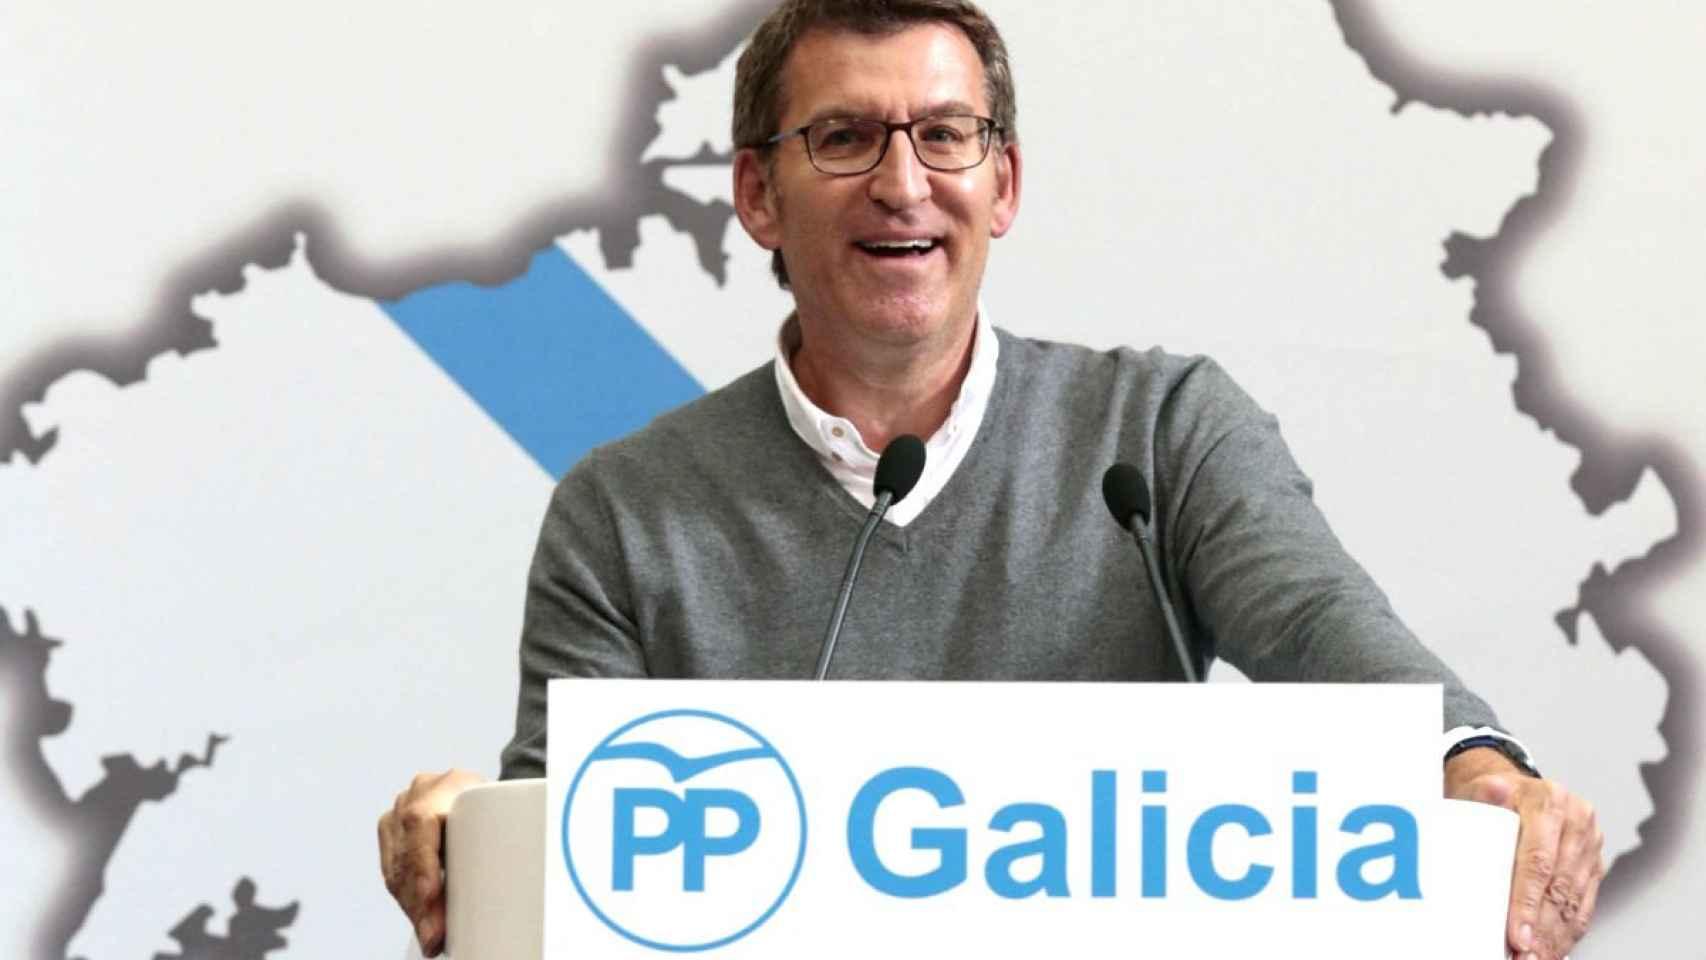 Feijóo, el candidato de Rajoy para sellar el feudo gallego.